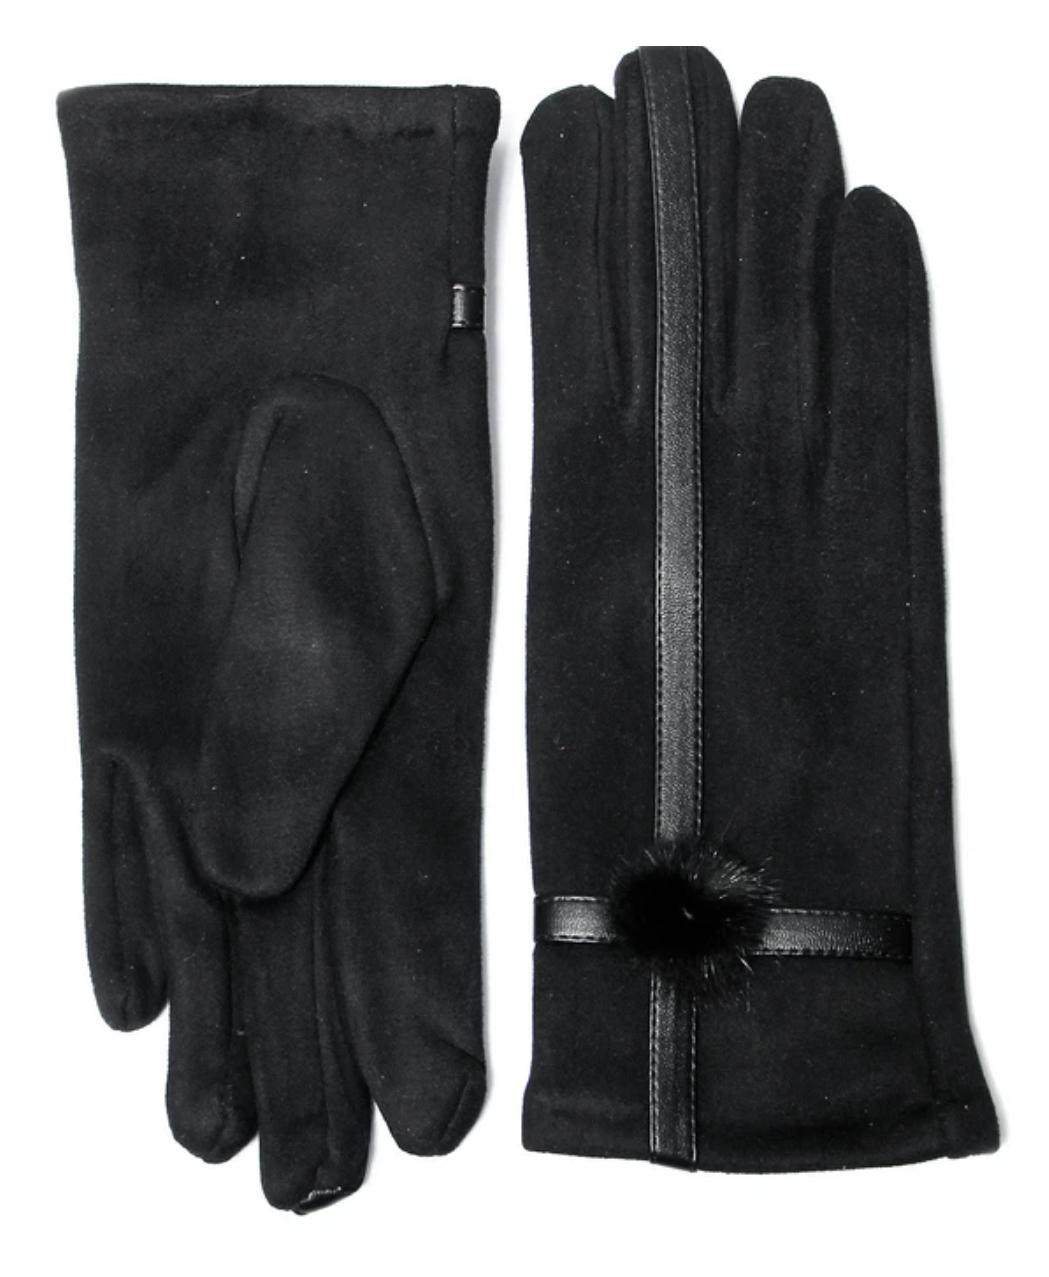 846 Envy Gloves with pom pom